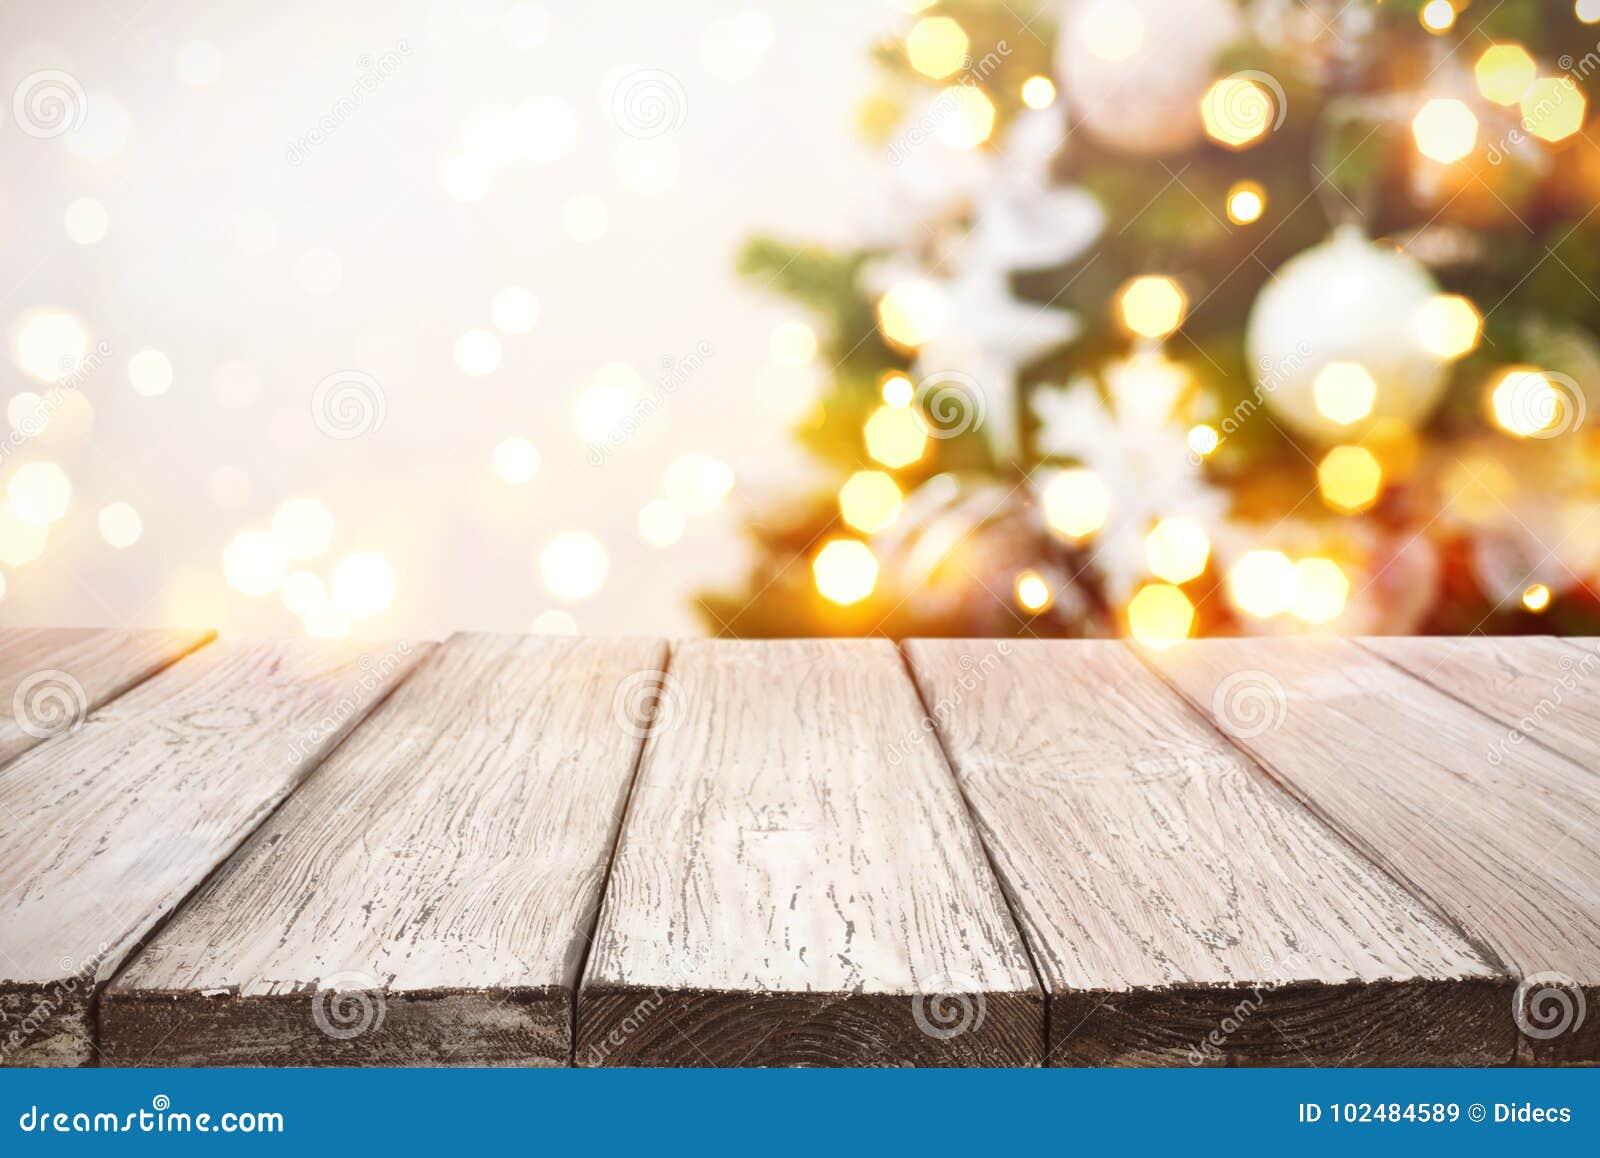 De achtergrond van Kerstmis Houten planken over de vage lichten van de vakantieboom